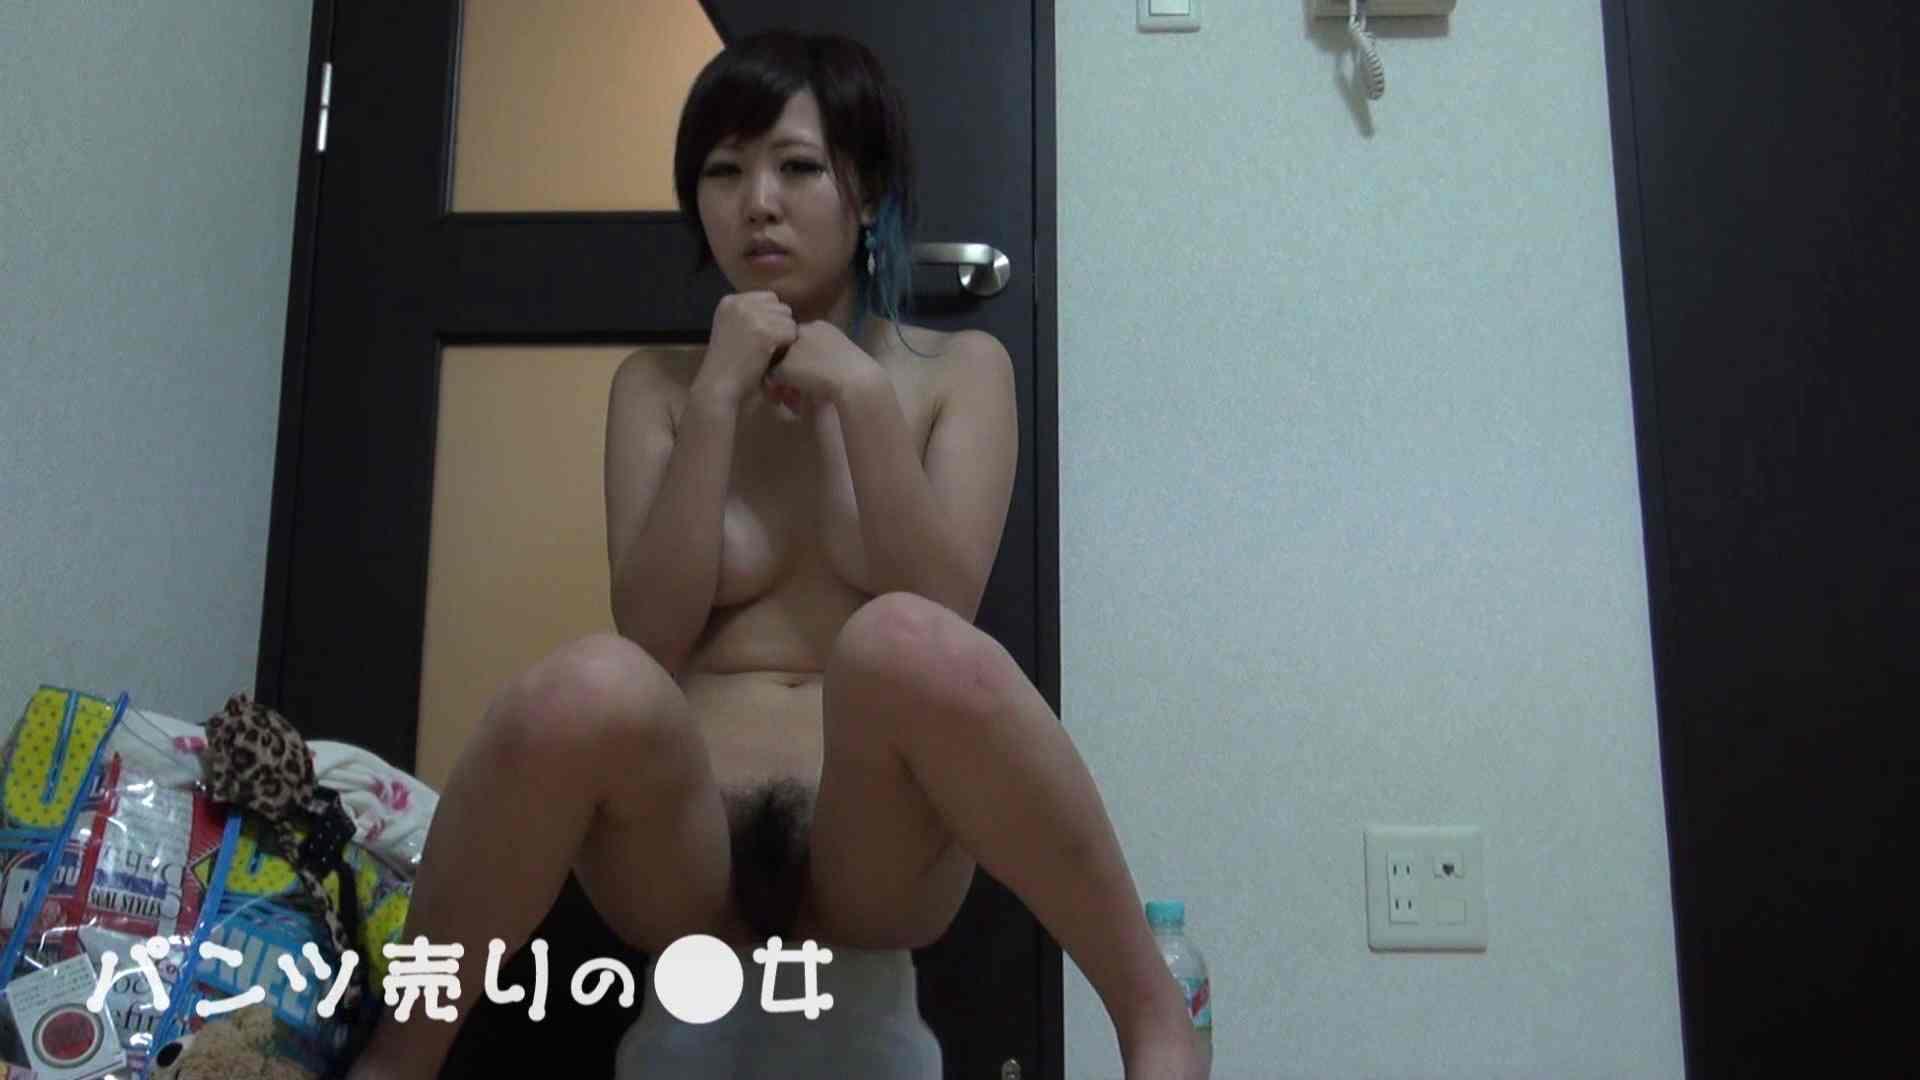 新説 パンツ売りの女の子nana02 覗き 隠し撮りオマンコ動画紹介 103PIX 43